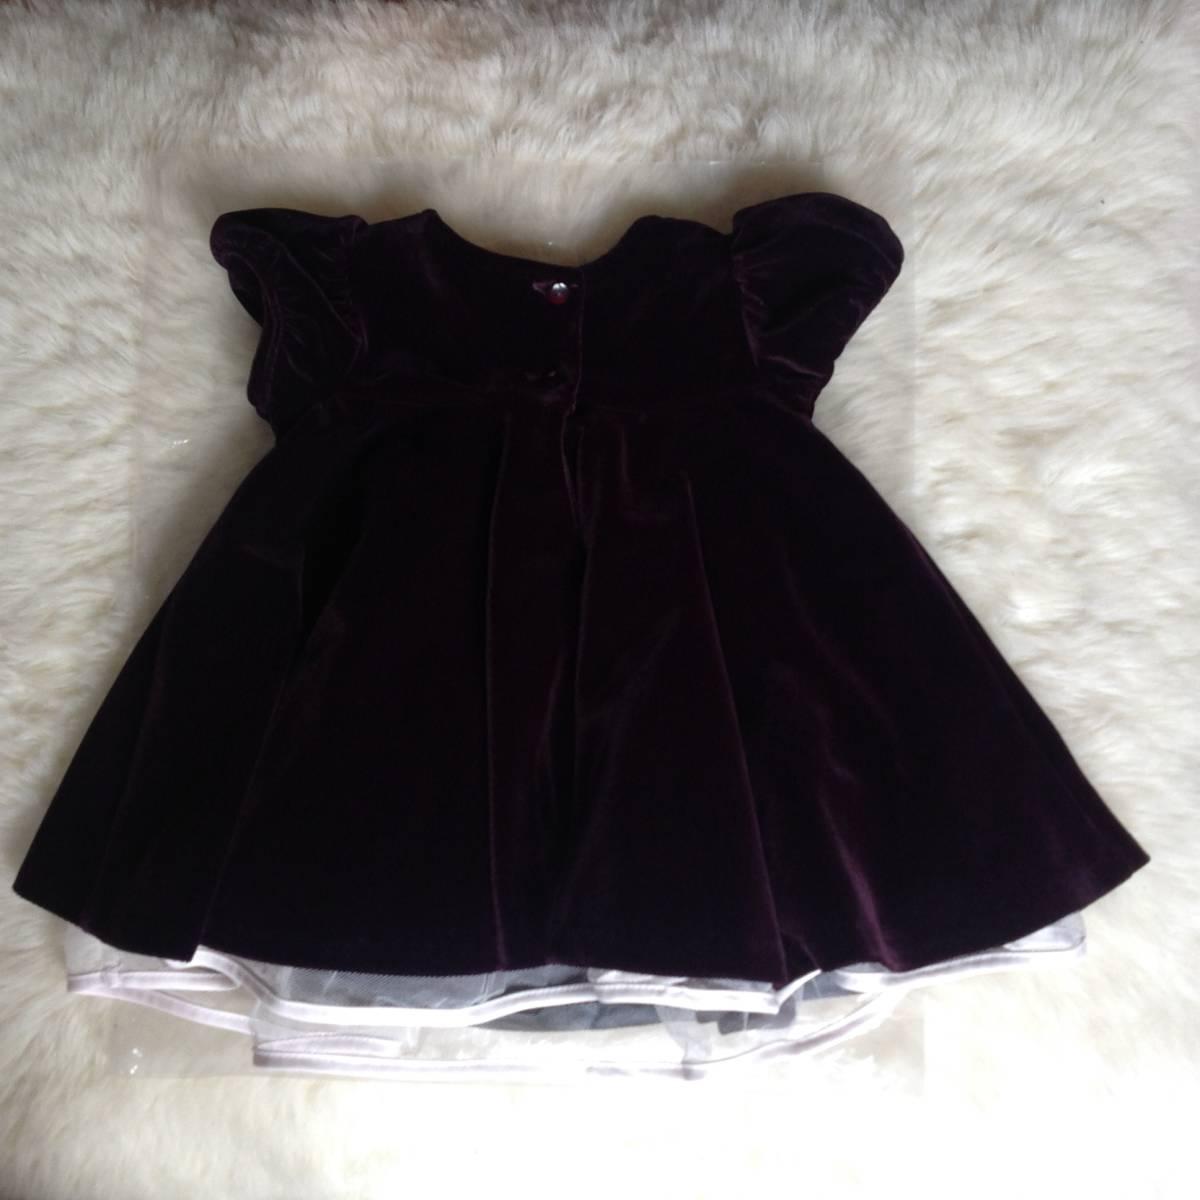 美品 セット イギリス 英国 ジョンルイス ベビー 80cm オフホワイト ケープ パープル 紫 ベルベット ワンピース フォーマル 結婚式 発表会_画像3